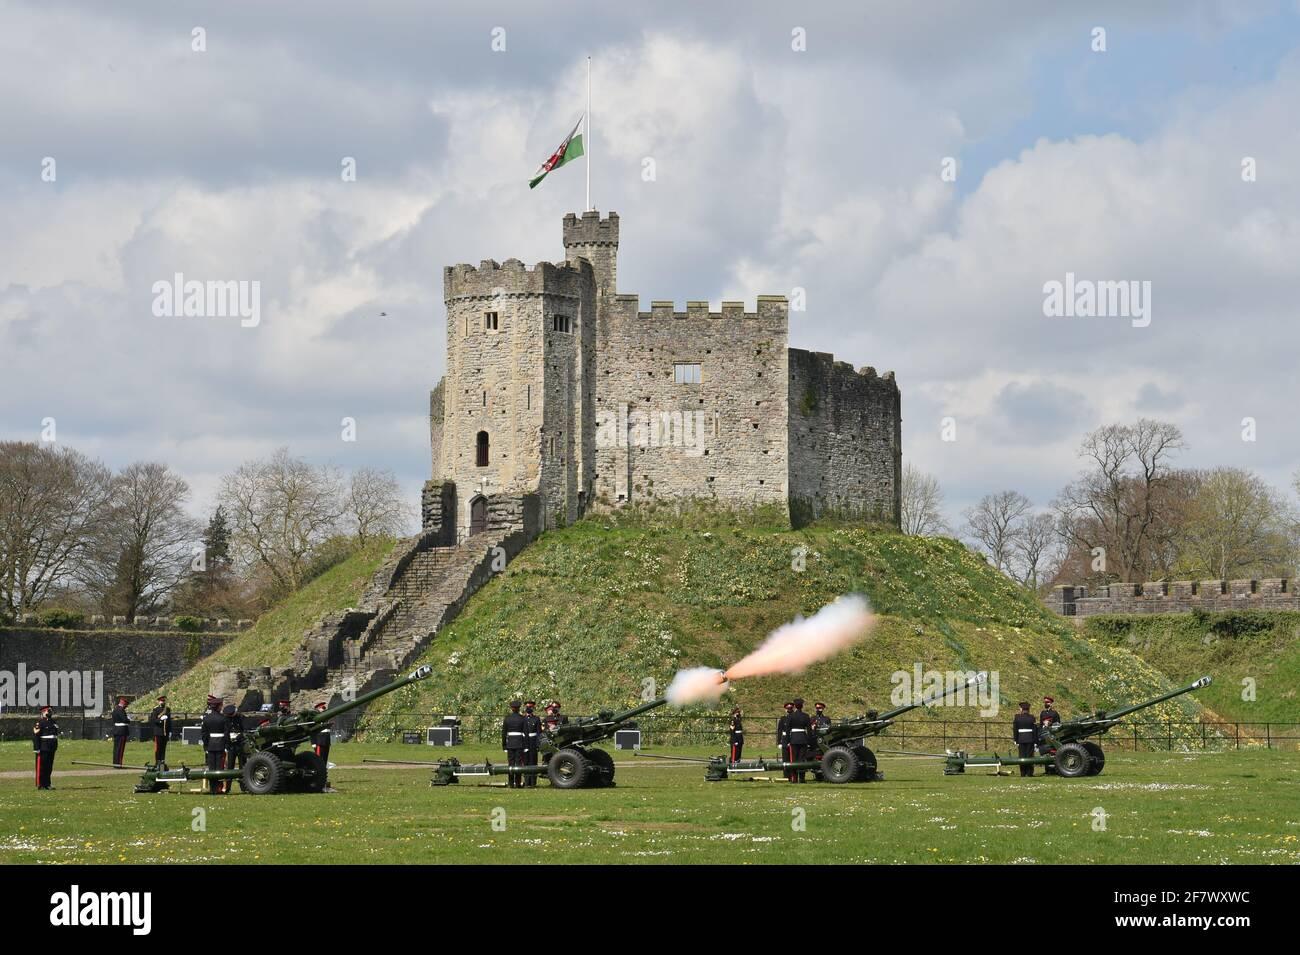 Les membres du 104e Régiment de l'Artillerie royale ont lancé un hommage à 41 armes dans les jardins du château de Cardiff pour marquer la mort du duc d'Édimbourg. Date de la photo: Samedi 10 avril 2021. Banque D'Images